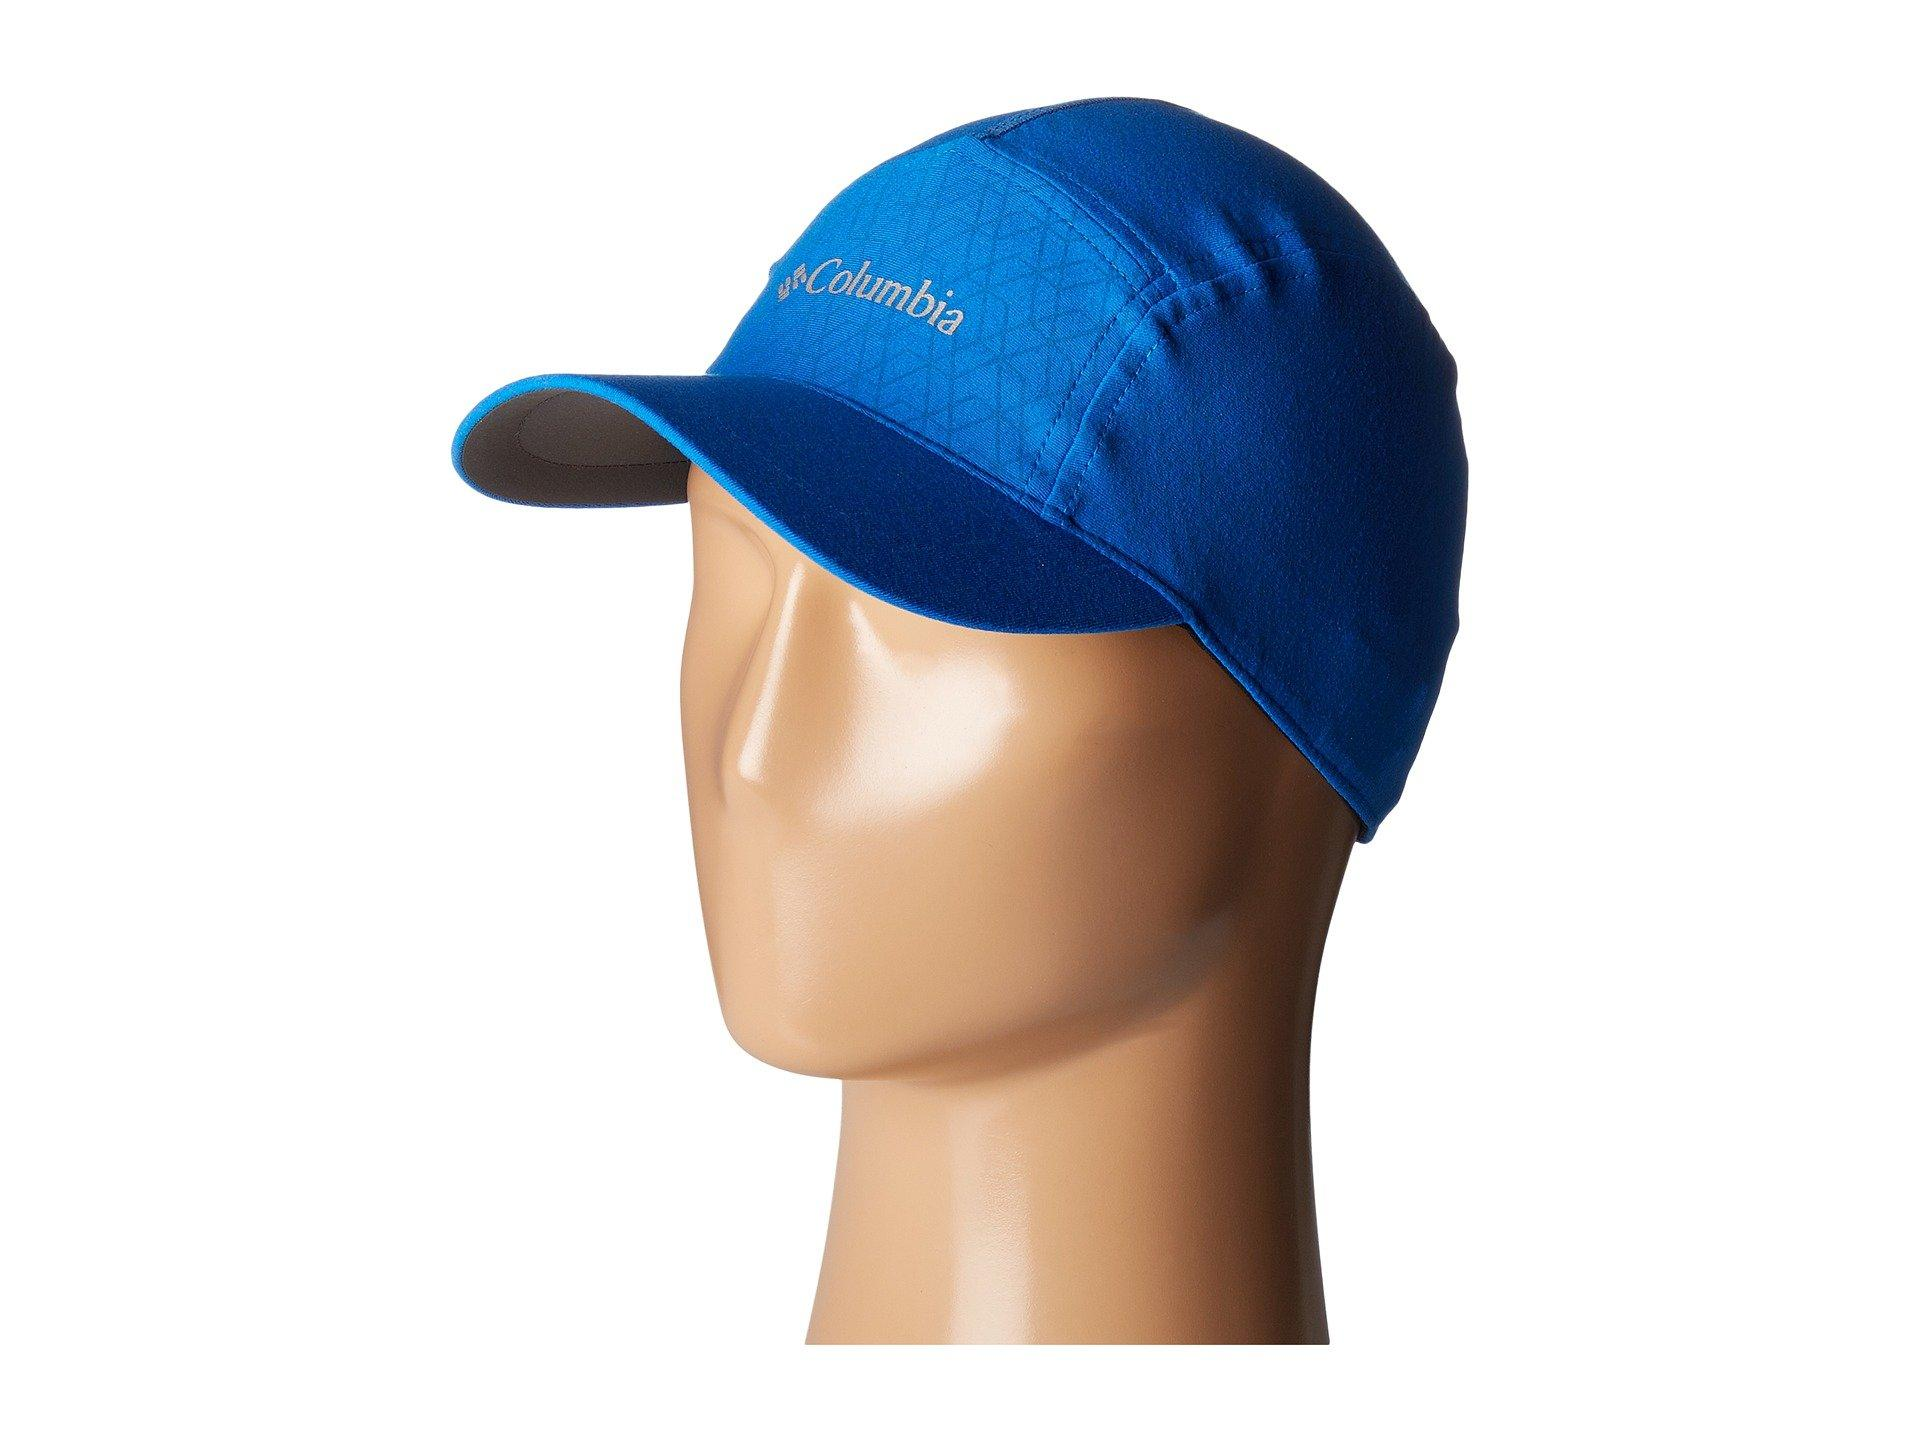 6b4b0f961c815 Columbia Trail Flash Running Hat In Super Blue